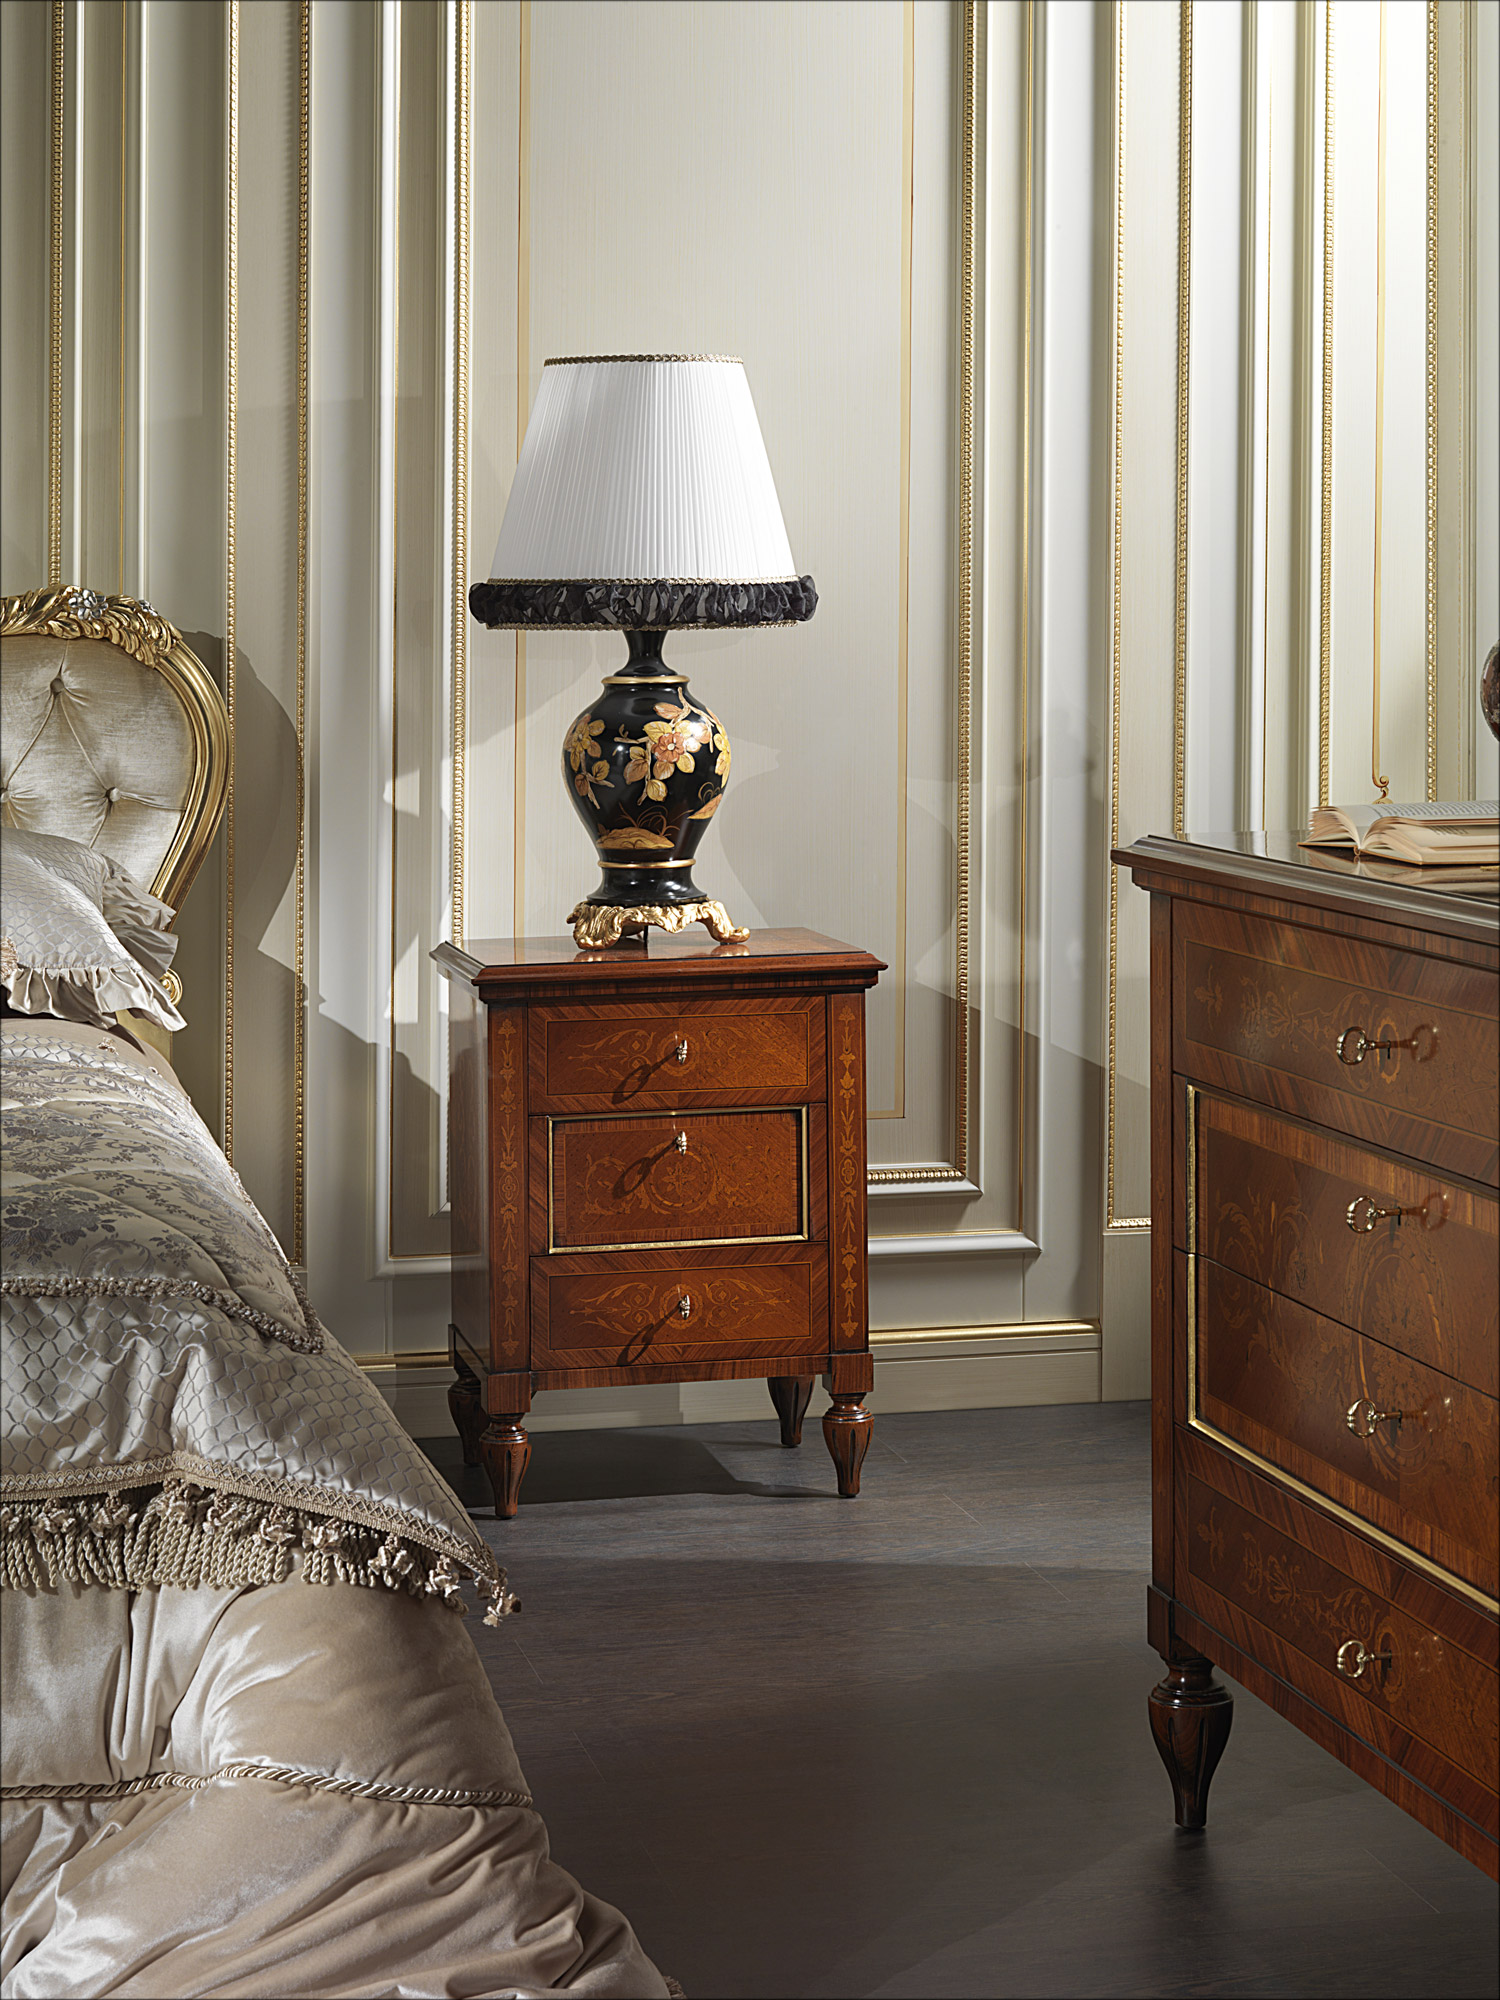 Comodino classico intarsiato Maggiolini 925  Vimercati Classic Furniture